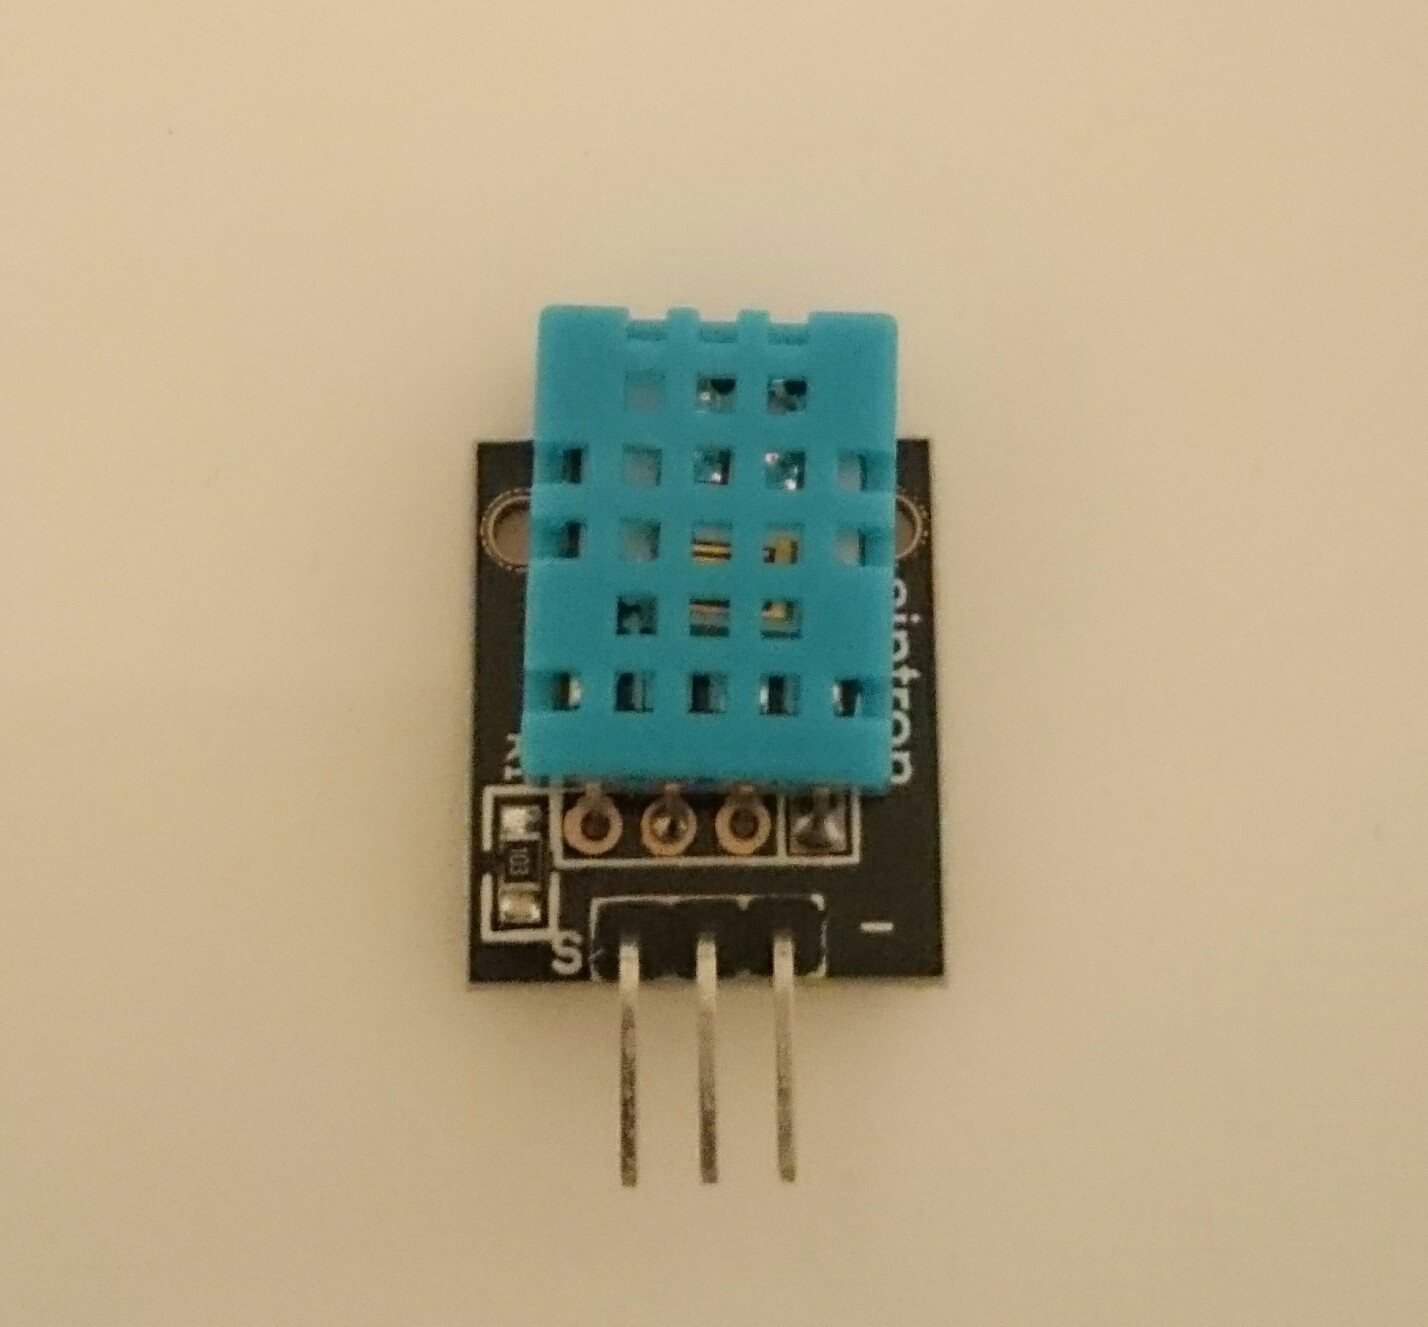 pin 7 arduino troy bilt trimmer parts diagram michaelsarduino dht11 temperatur und luftfeuchtigkeitssensor